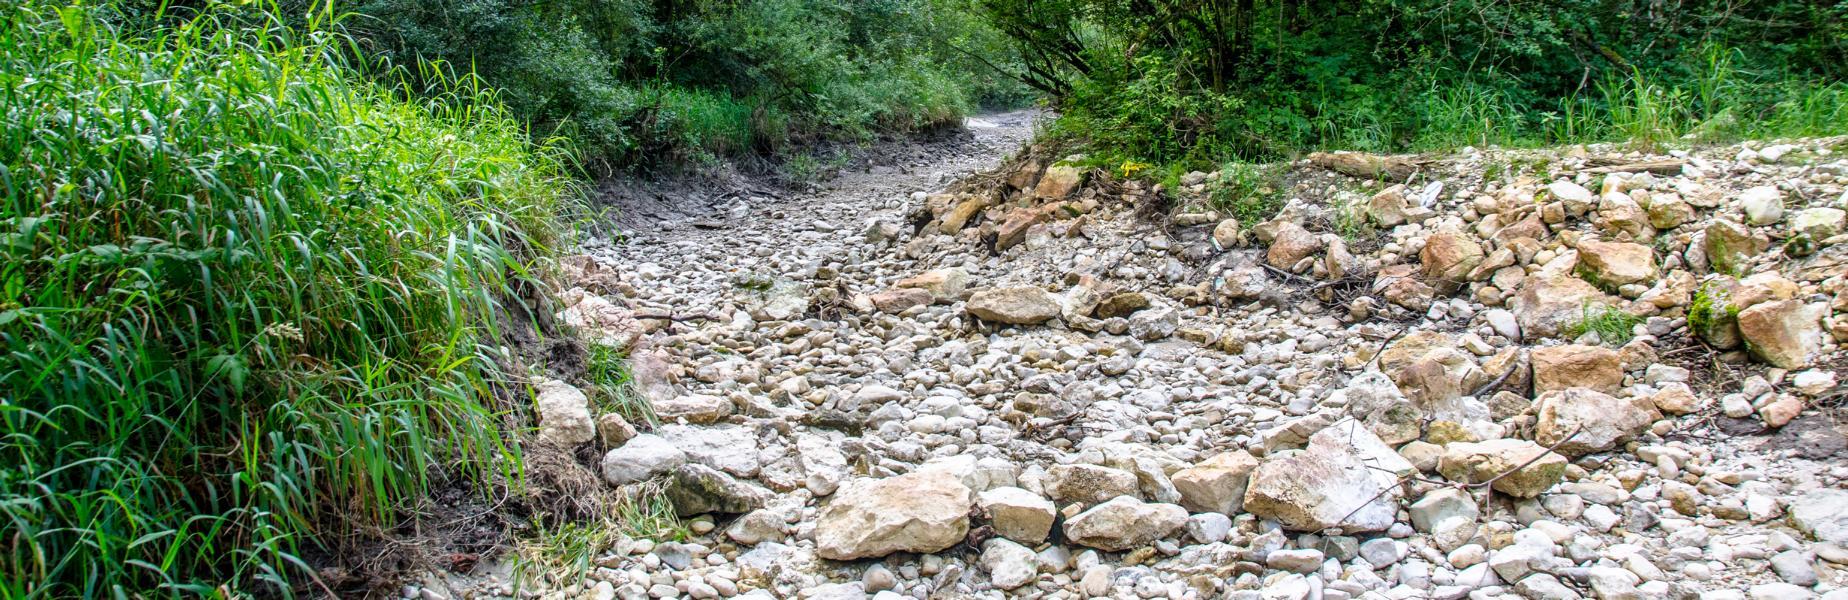 Die Alte Traun ist ausgetrocknet - 10. August 2012